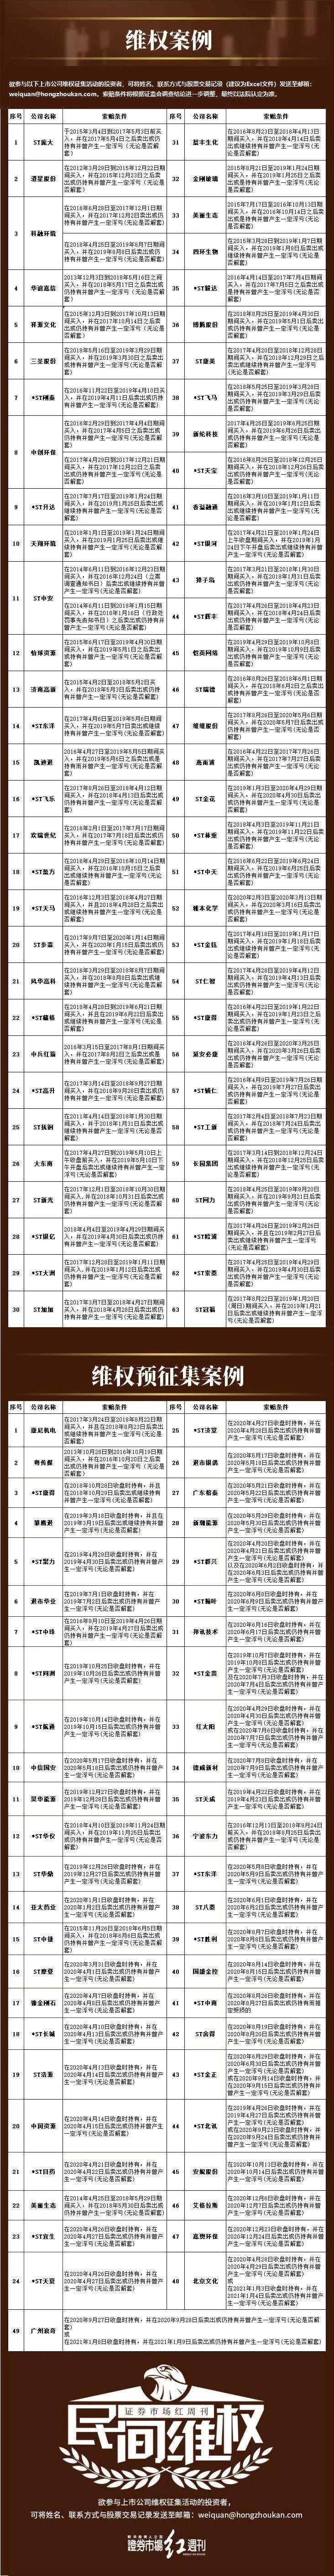 民间维权 | 安妮股份:立案调查尚无结论性意见